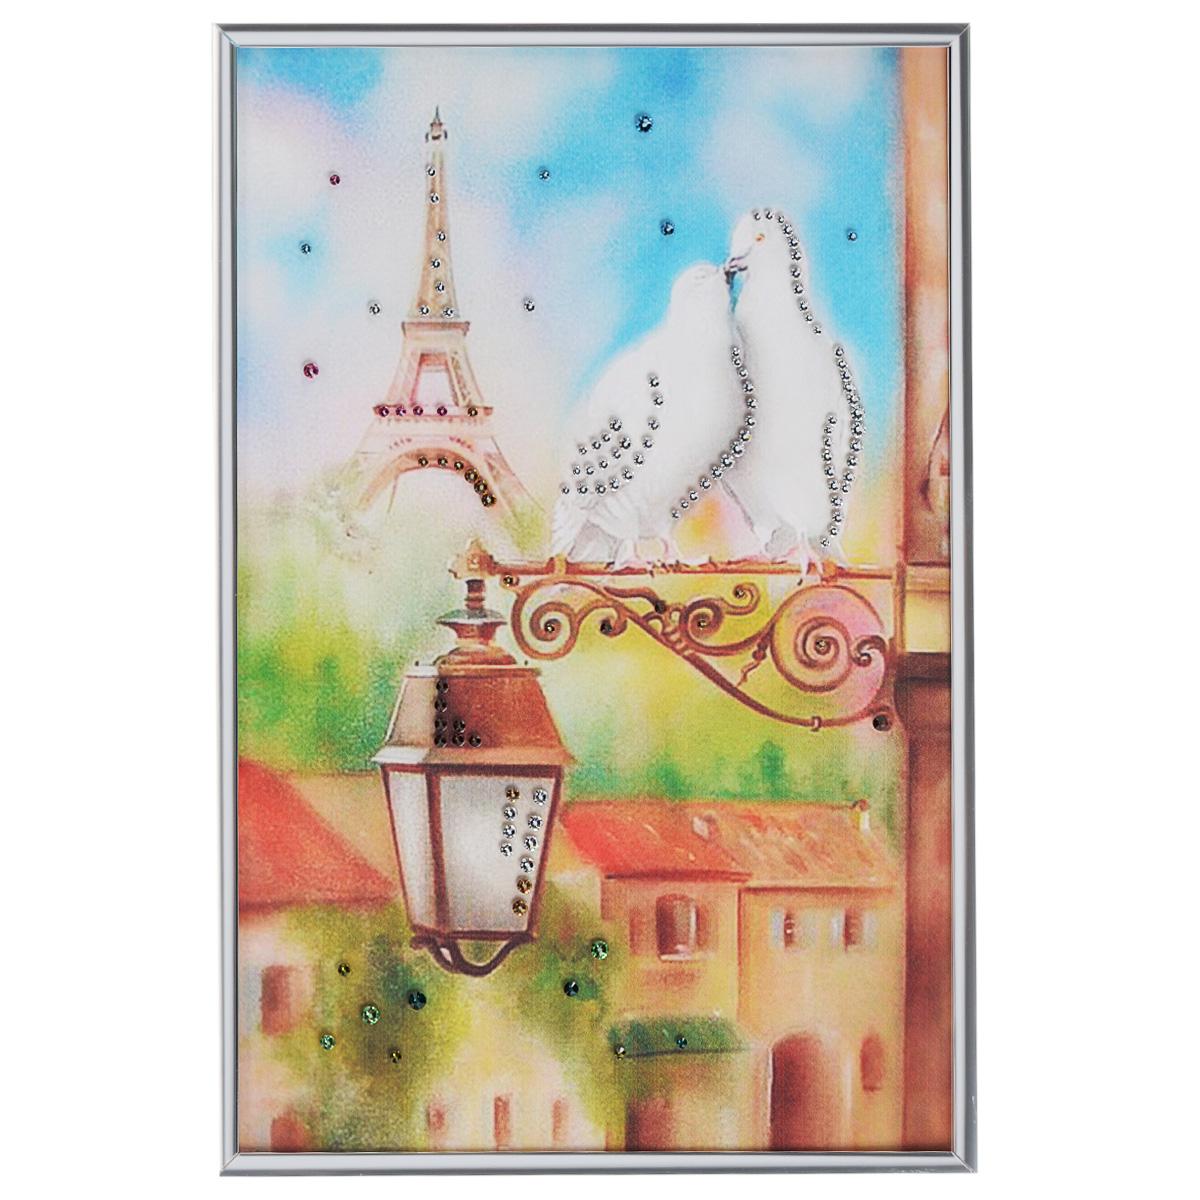 Картина с кристаллами Swarovski Голуби в Париже, 20 см х 30 смES-412Изящная картина в металлической раме, инкрустирована кристаллами Swarovski, которые отличаются четкой и ровной огранкой, ярким блеском и чистотой цвета. Красочное изображение двух голубей на фоне Эйфелевой башни, расположенное под стеклом, прекрасно дополняет блеск кристаллов. С обратной стороны имеется металлическая петелька для размещения картины на стене.Картина с кристаллами Swarovski Голуби в Париже элегантно украсит интерьер дома или офиса, а также станет прекрасным подарком, который обязательно понравится получателю. Блеск кристаллов в интерьере, что может быть сказочнее и удивительнее. Картина упакована в подарочную картонную коробку синего цвета и комплектуется сертификатом соответствия Swarovski.